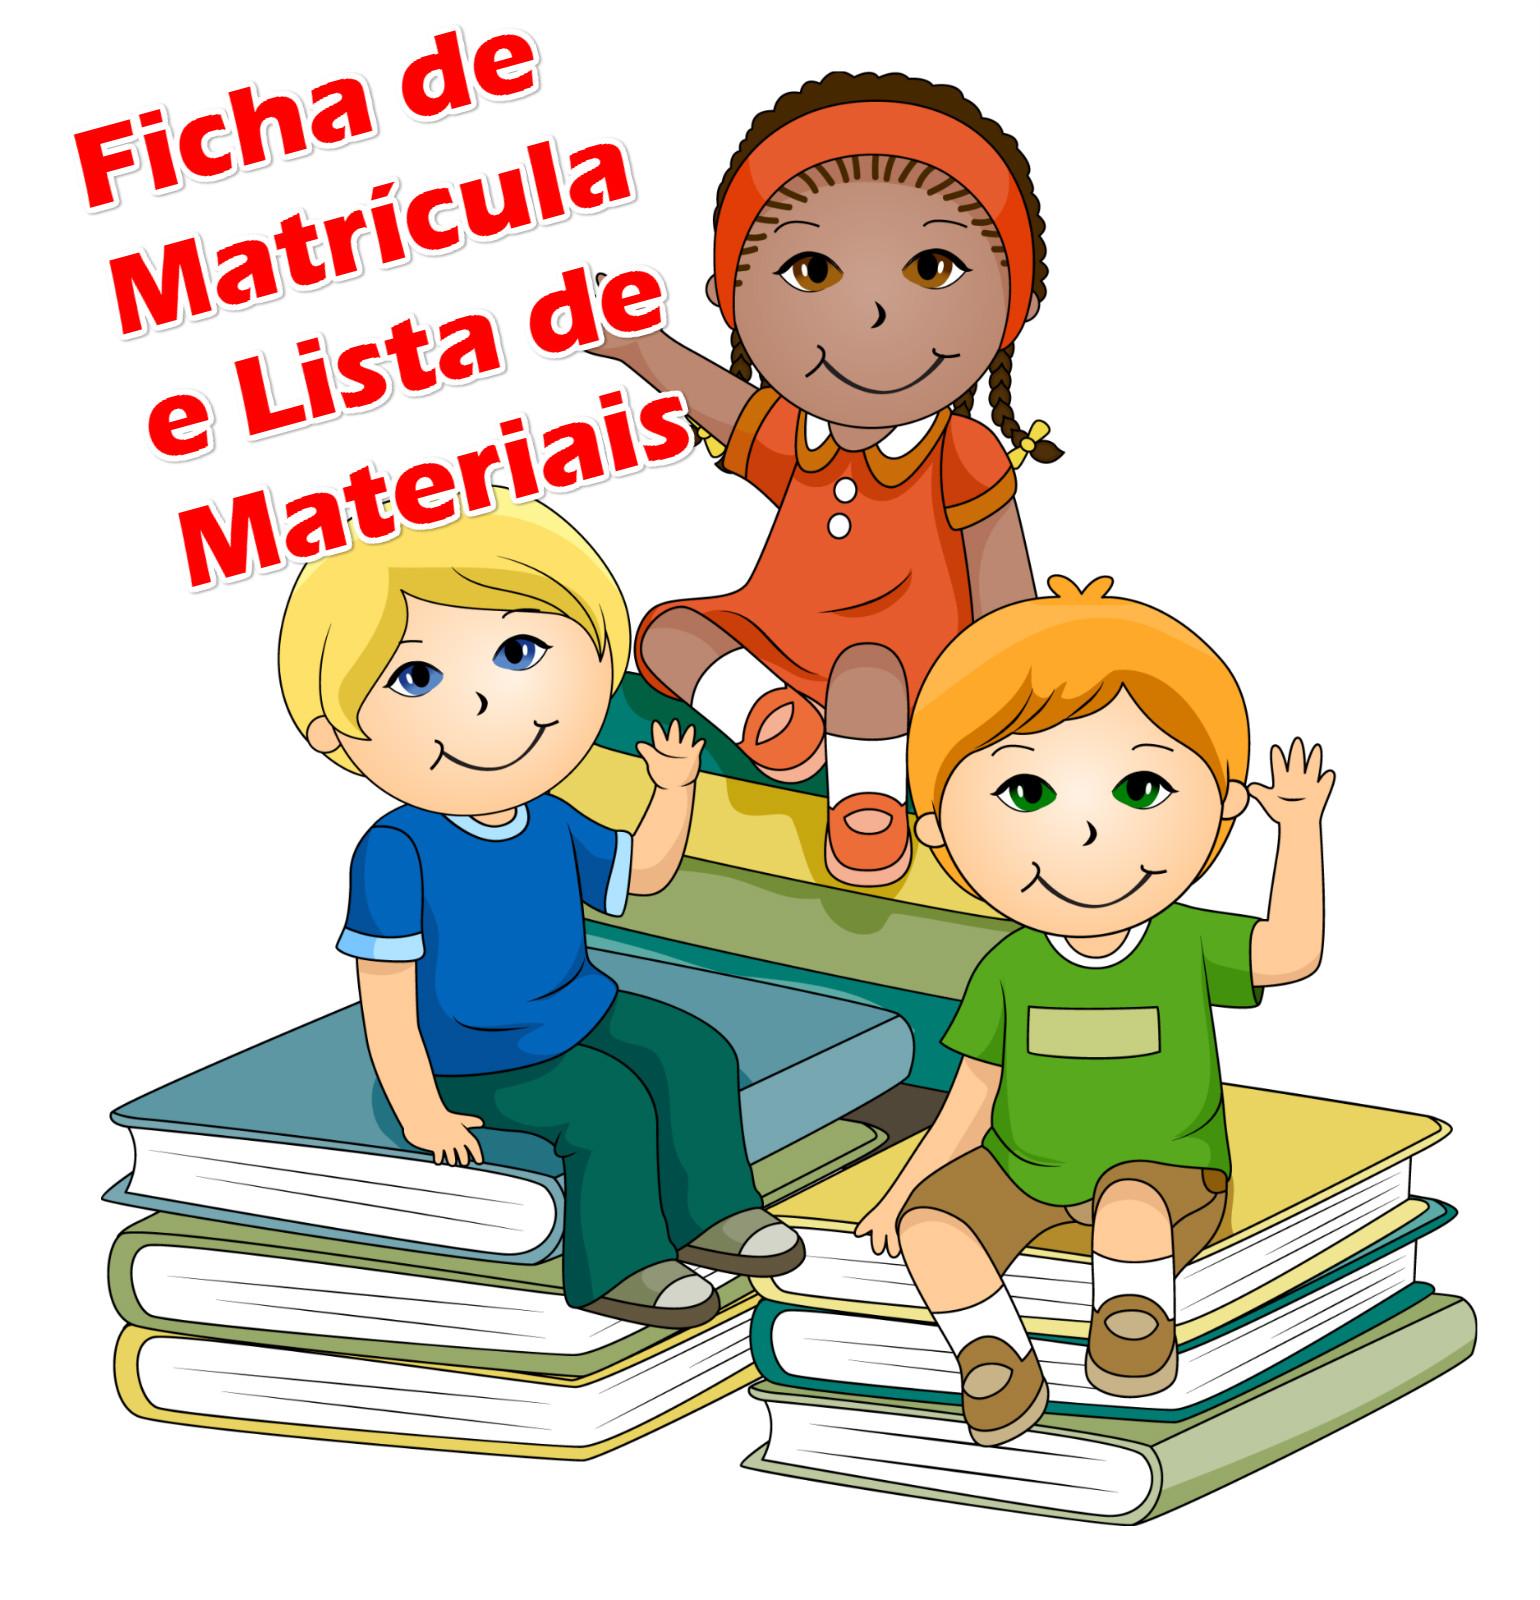 Ficha de Matrícula Educação Infantil e Lista de Materiais